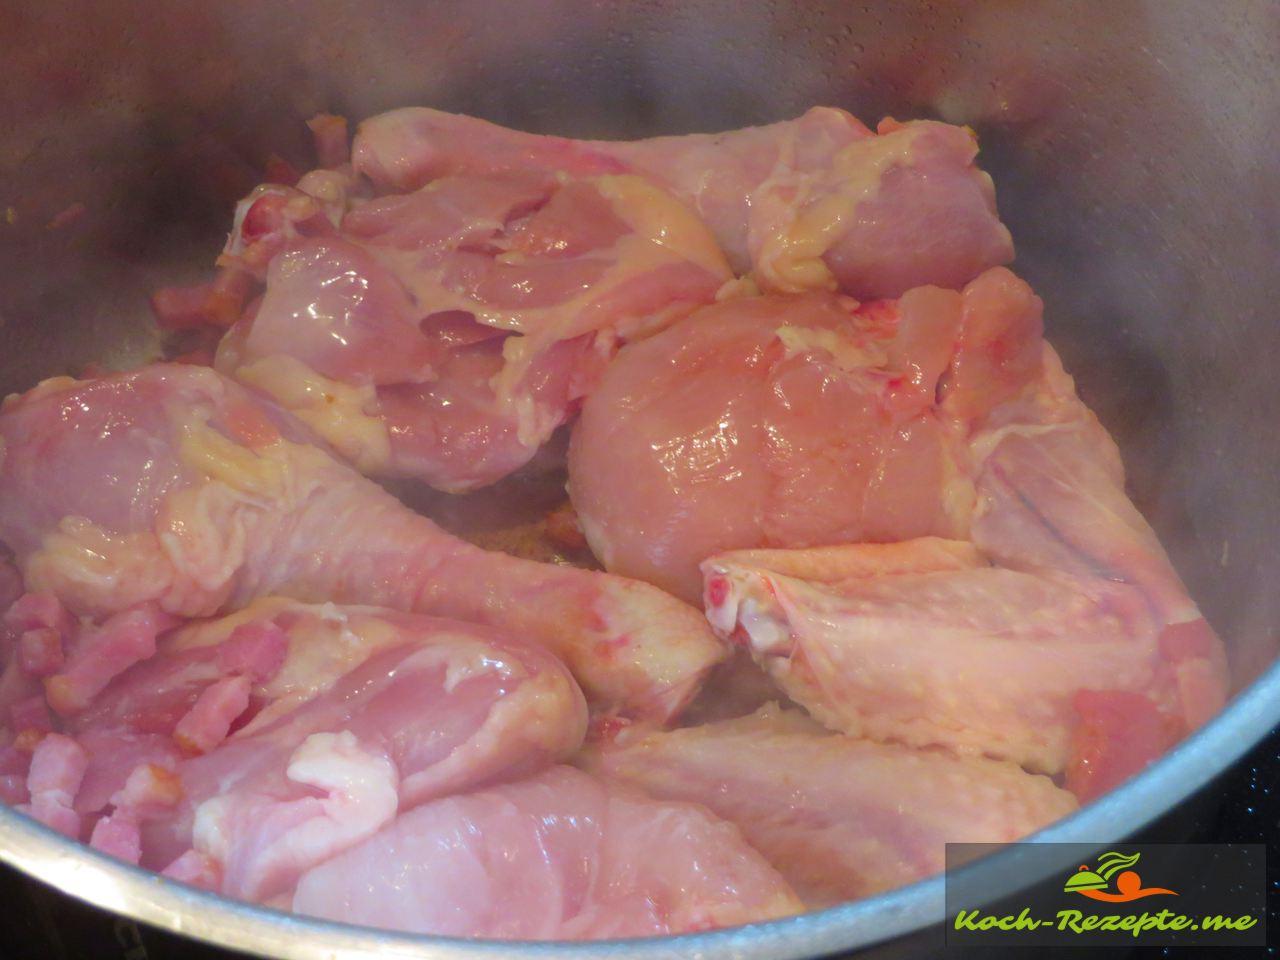 Die Poularde, Huhn kommt dazu, es wurde in Stücke geschnitten für Coq au Vin französisches Nationalgericht Hahn in Wein